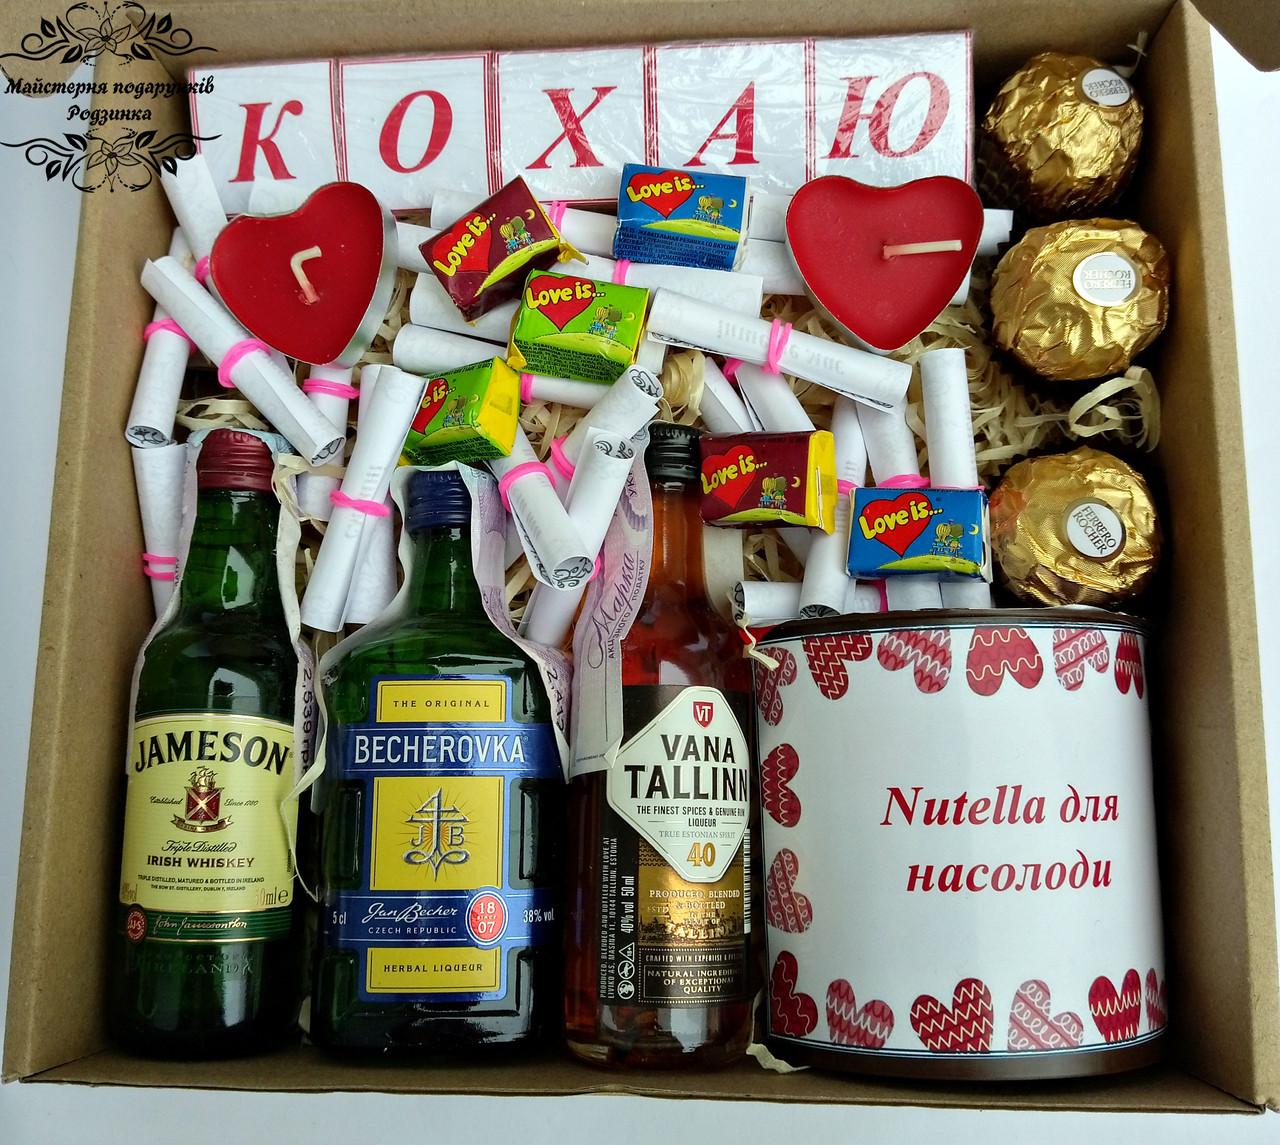 Подарунковий набір для коханого, коханої. Sweet Box №22 Подарунок хлопцю,чоловіку, тату,дружині,подрузі,мамі